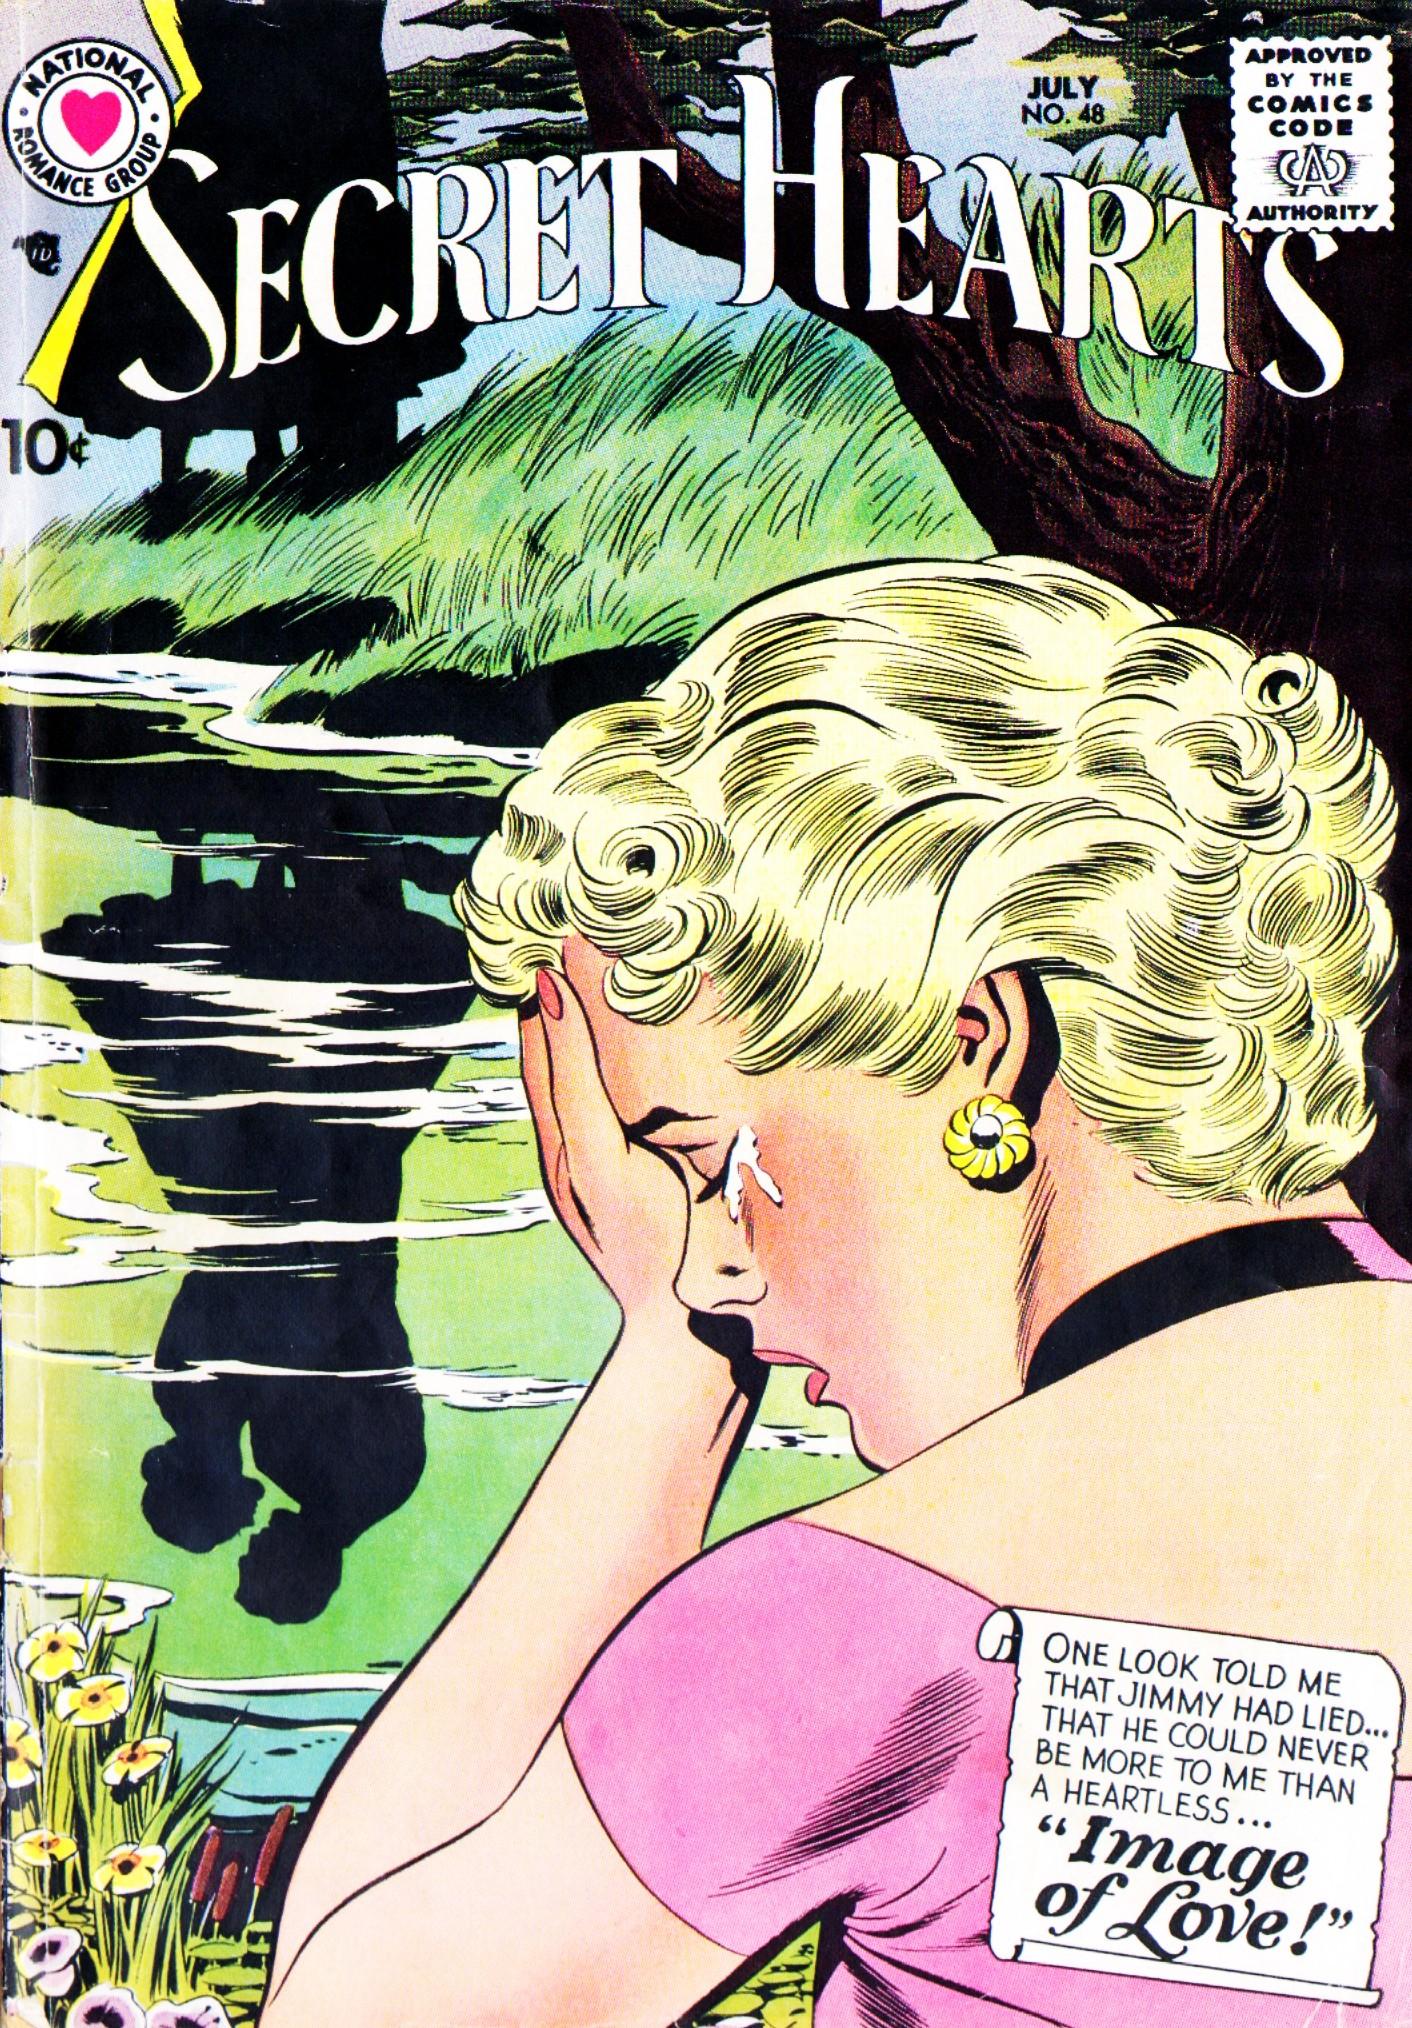 Secret Hearts 48 Page 1